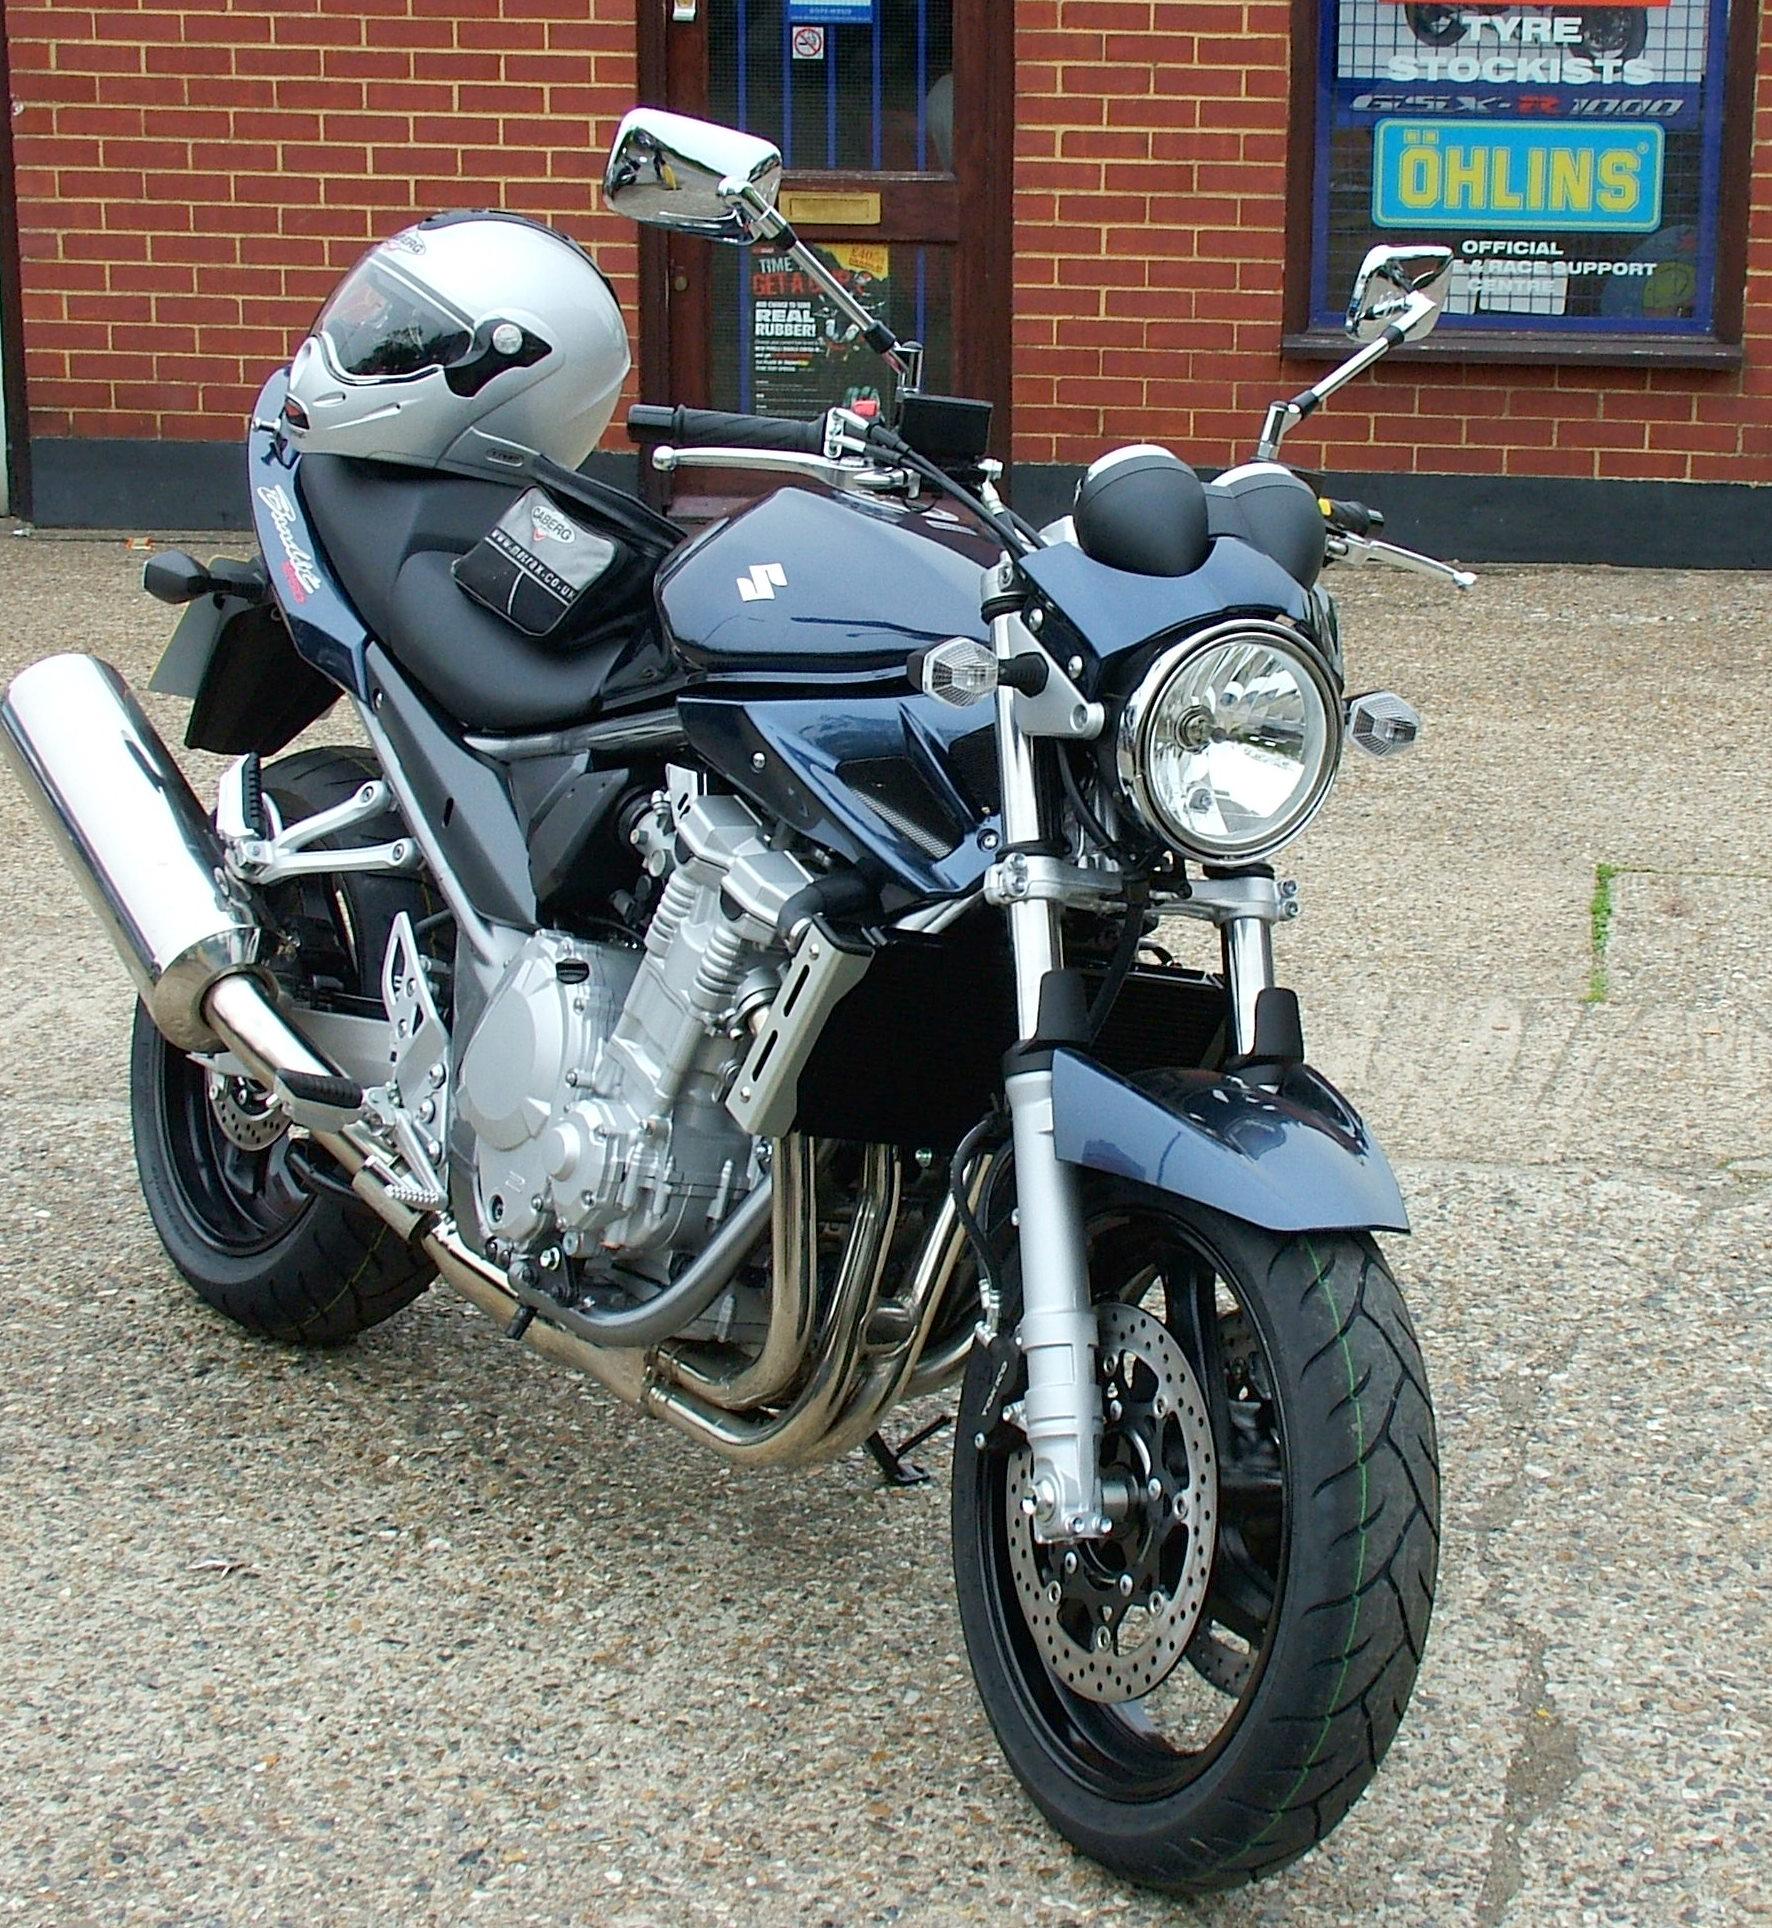 File:Suzuki Bandit 1250 01.jpg